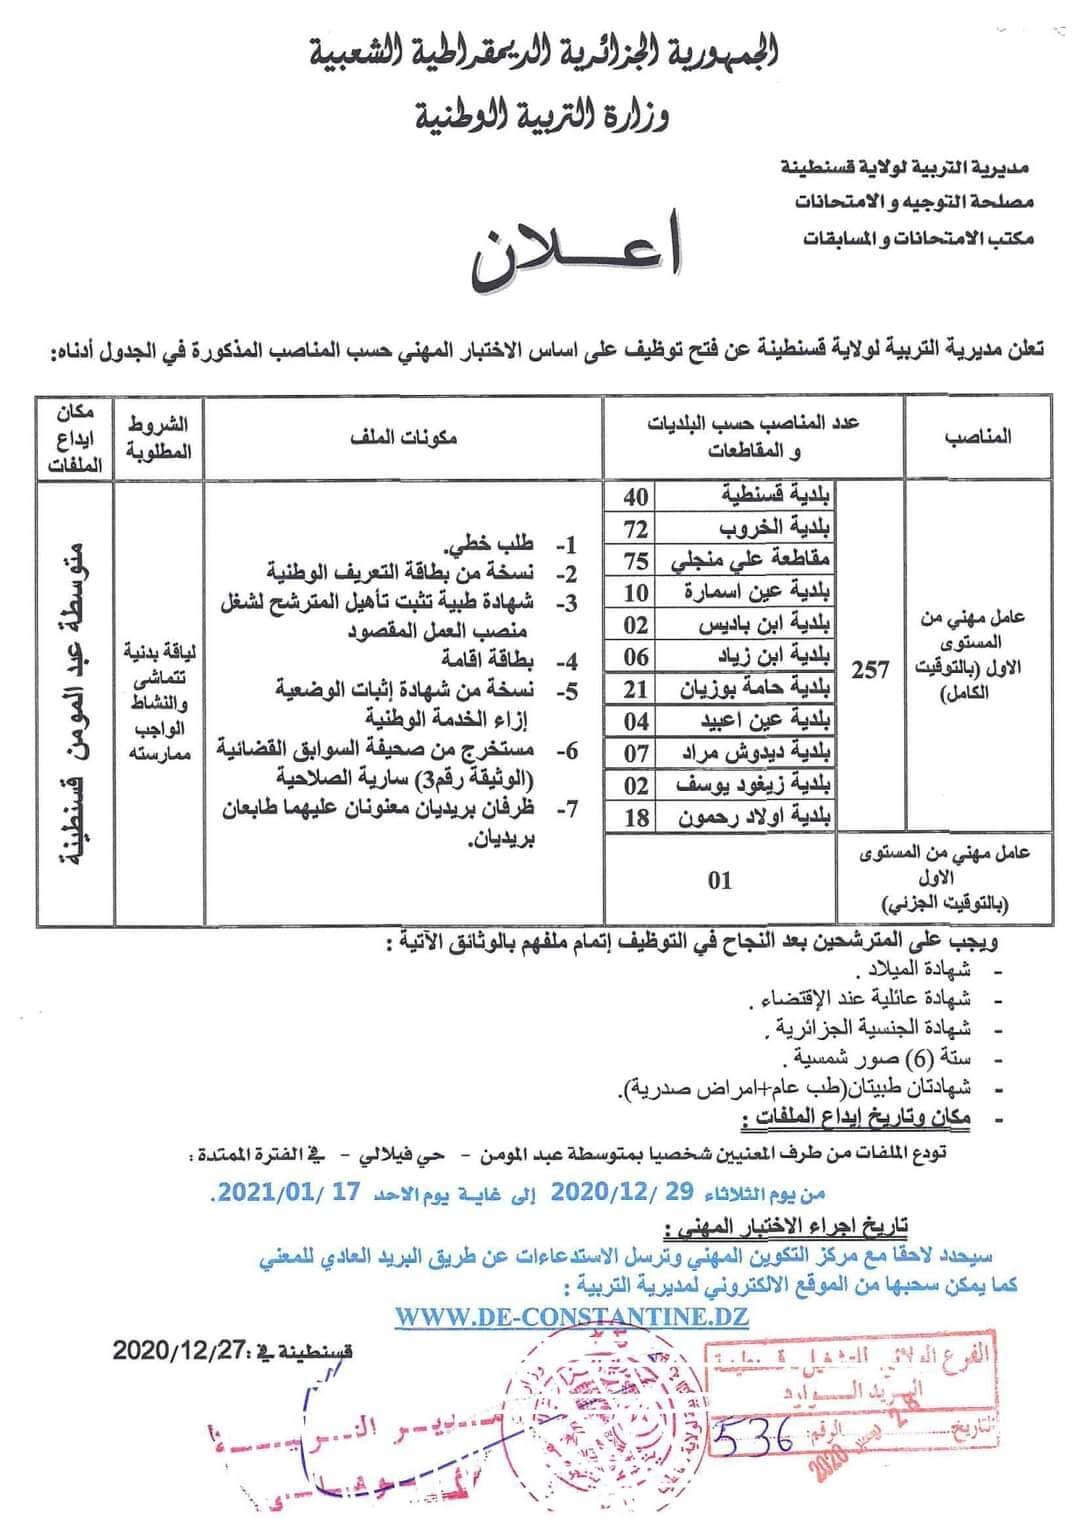 اعلان توظيف بمديرية التربية لولاية قسنطينة 28 ديسمبر 2020